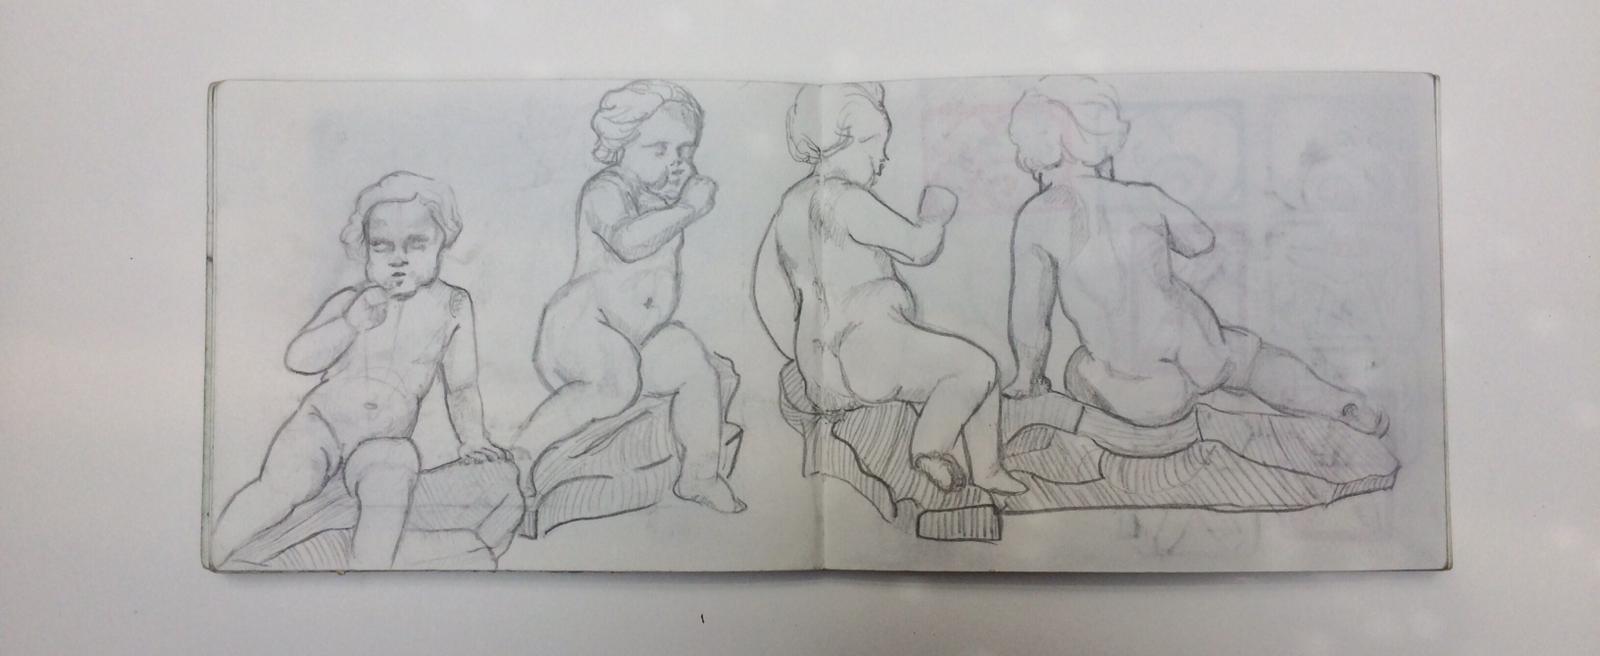 werkstatt-eden-lis-werner-illustration-skizzenbuch9